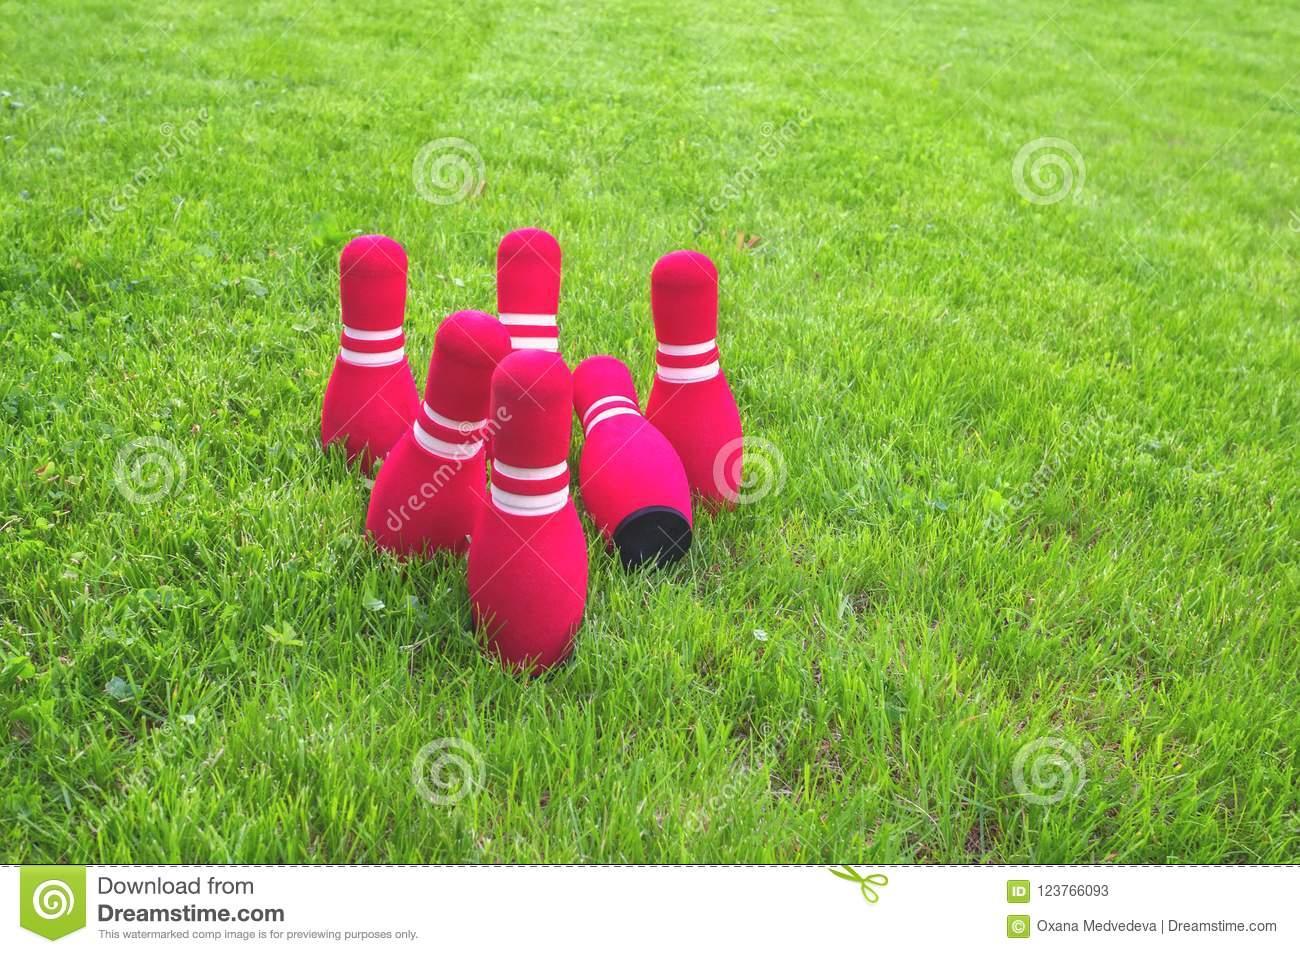 Quilles Rouges Été Cour De Jeu 2 D'enfants Sur L'herbe Verte à Jeu Bowling Enfant